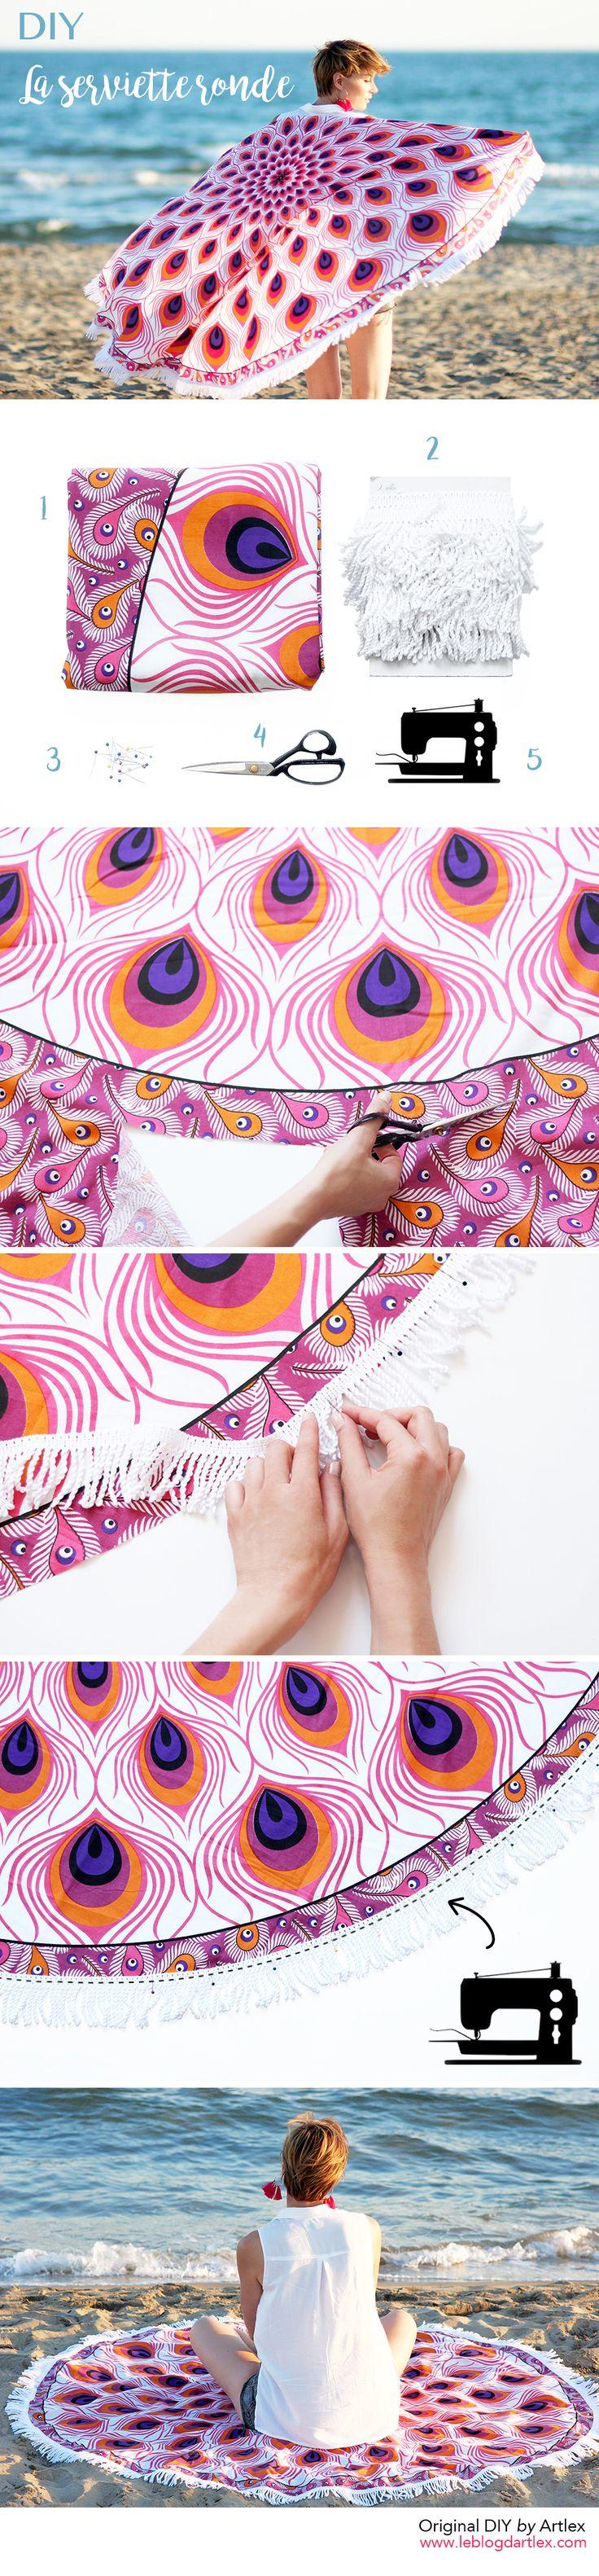 DIY serviette de plage ronde // DIY mandala beach towel // Mandala yoga mat // DIY hippie mandala circle towel / Peacock fabric